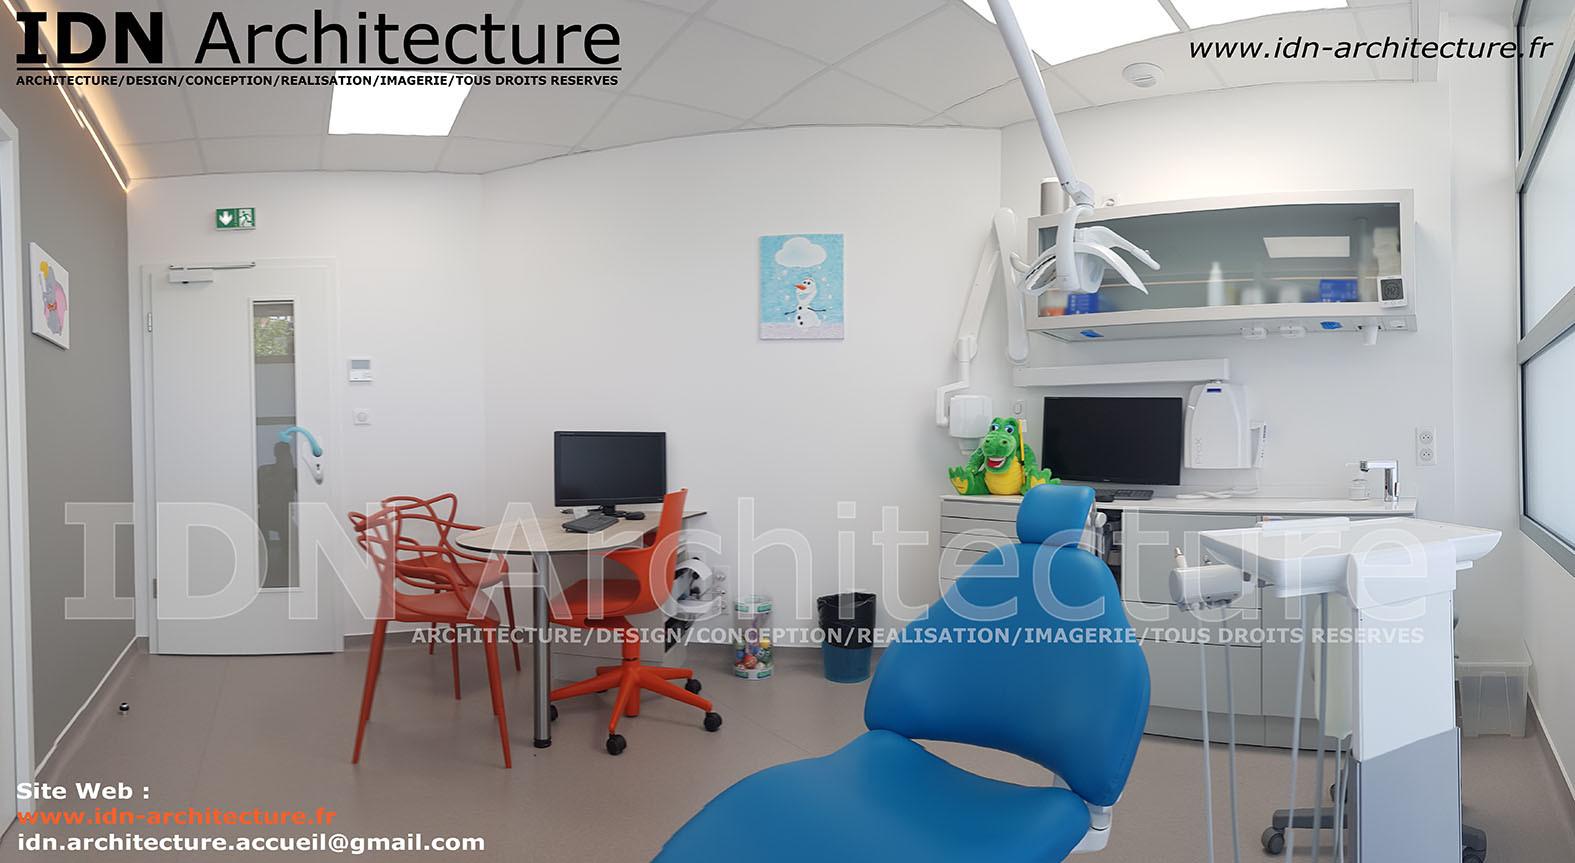 IDN ARCHITECTURE SAS-CABINET DENTAIRE-BV